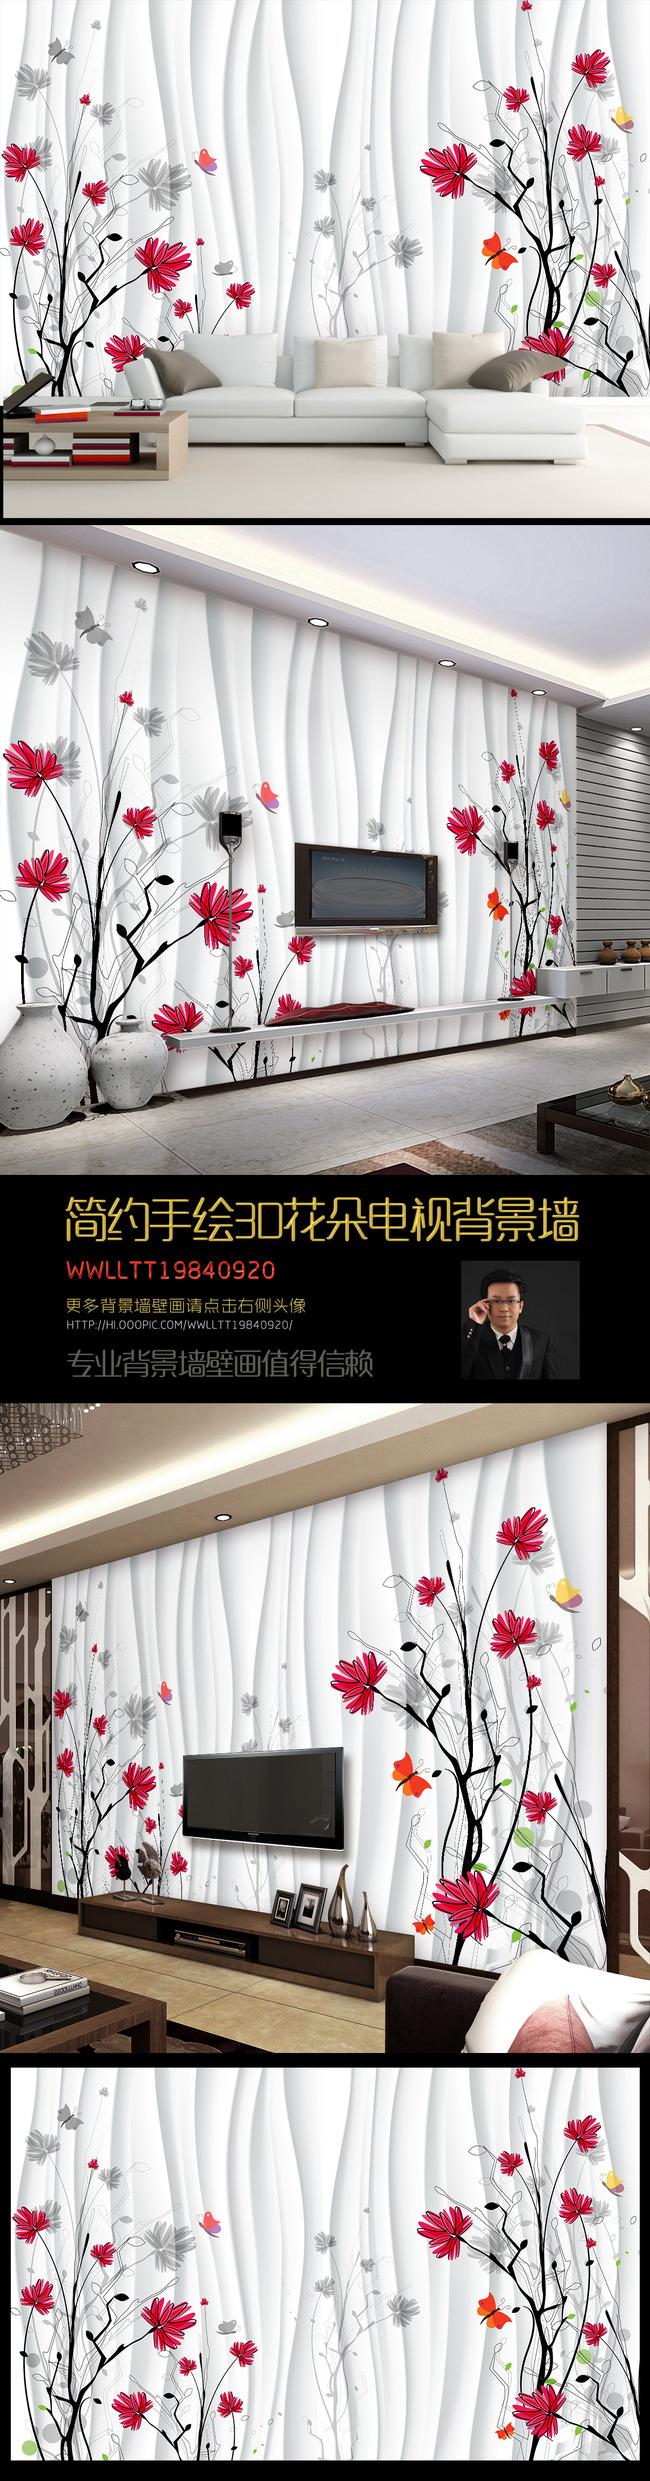 手绘线描花朵3d立体电视背景墙